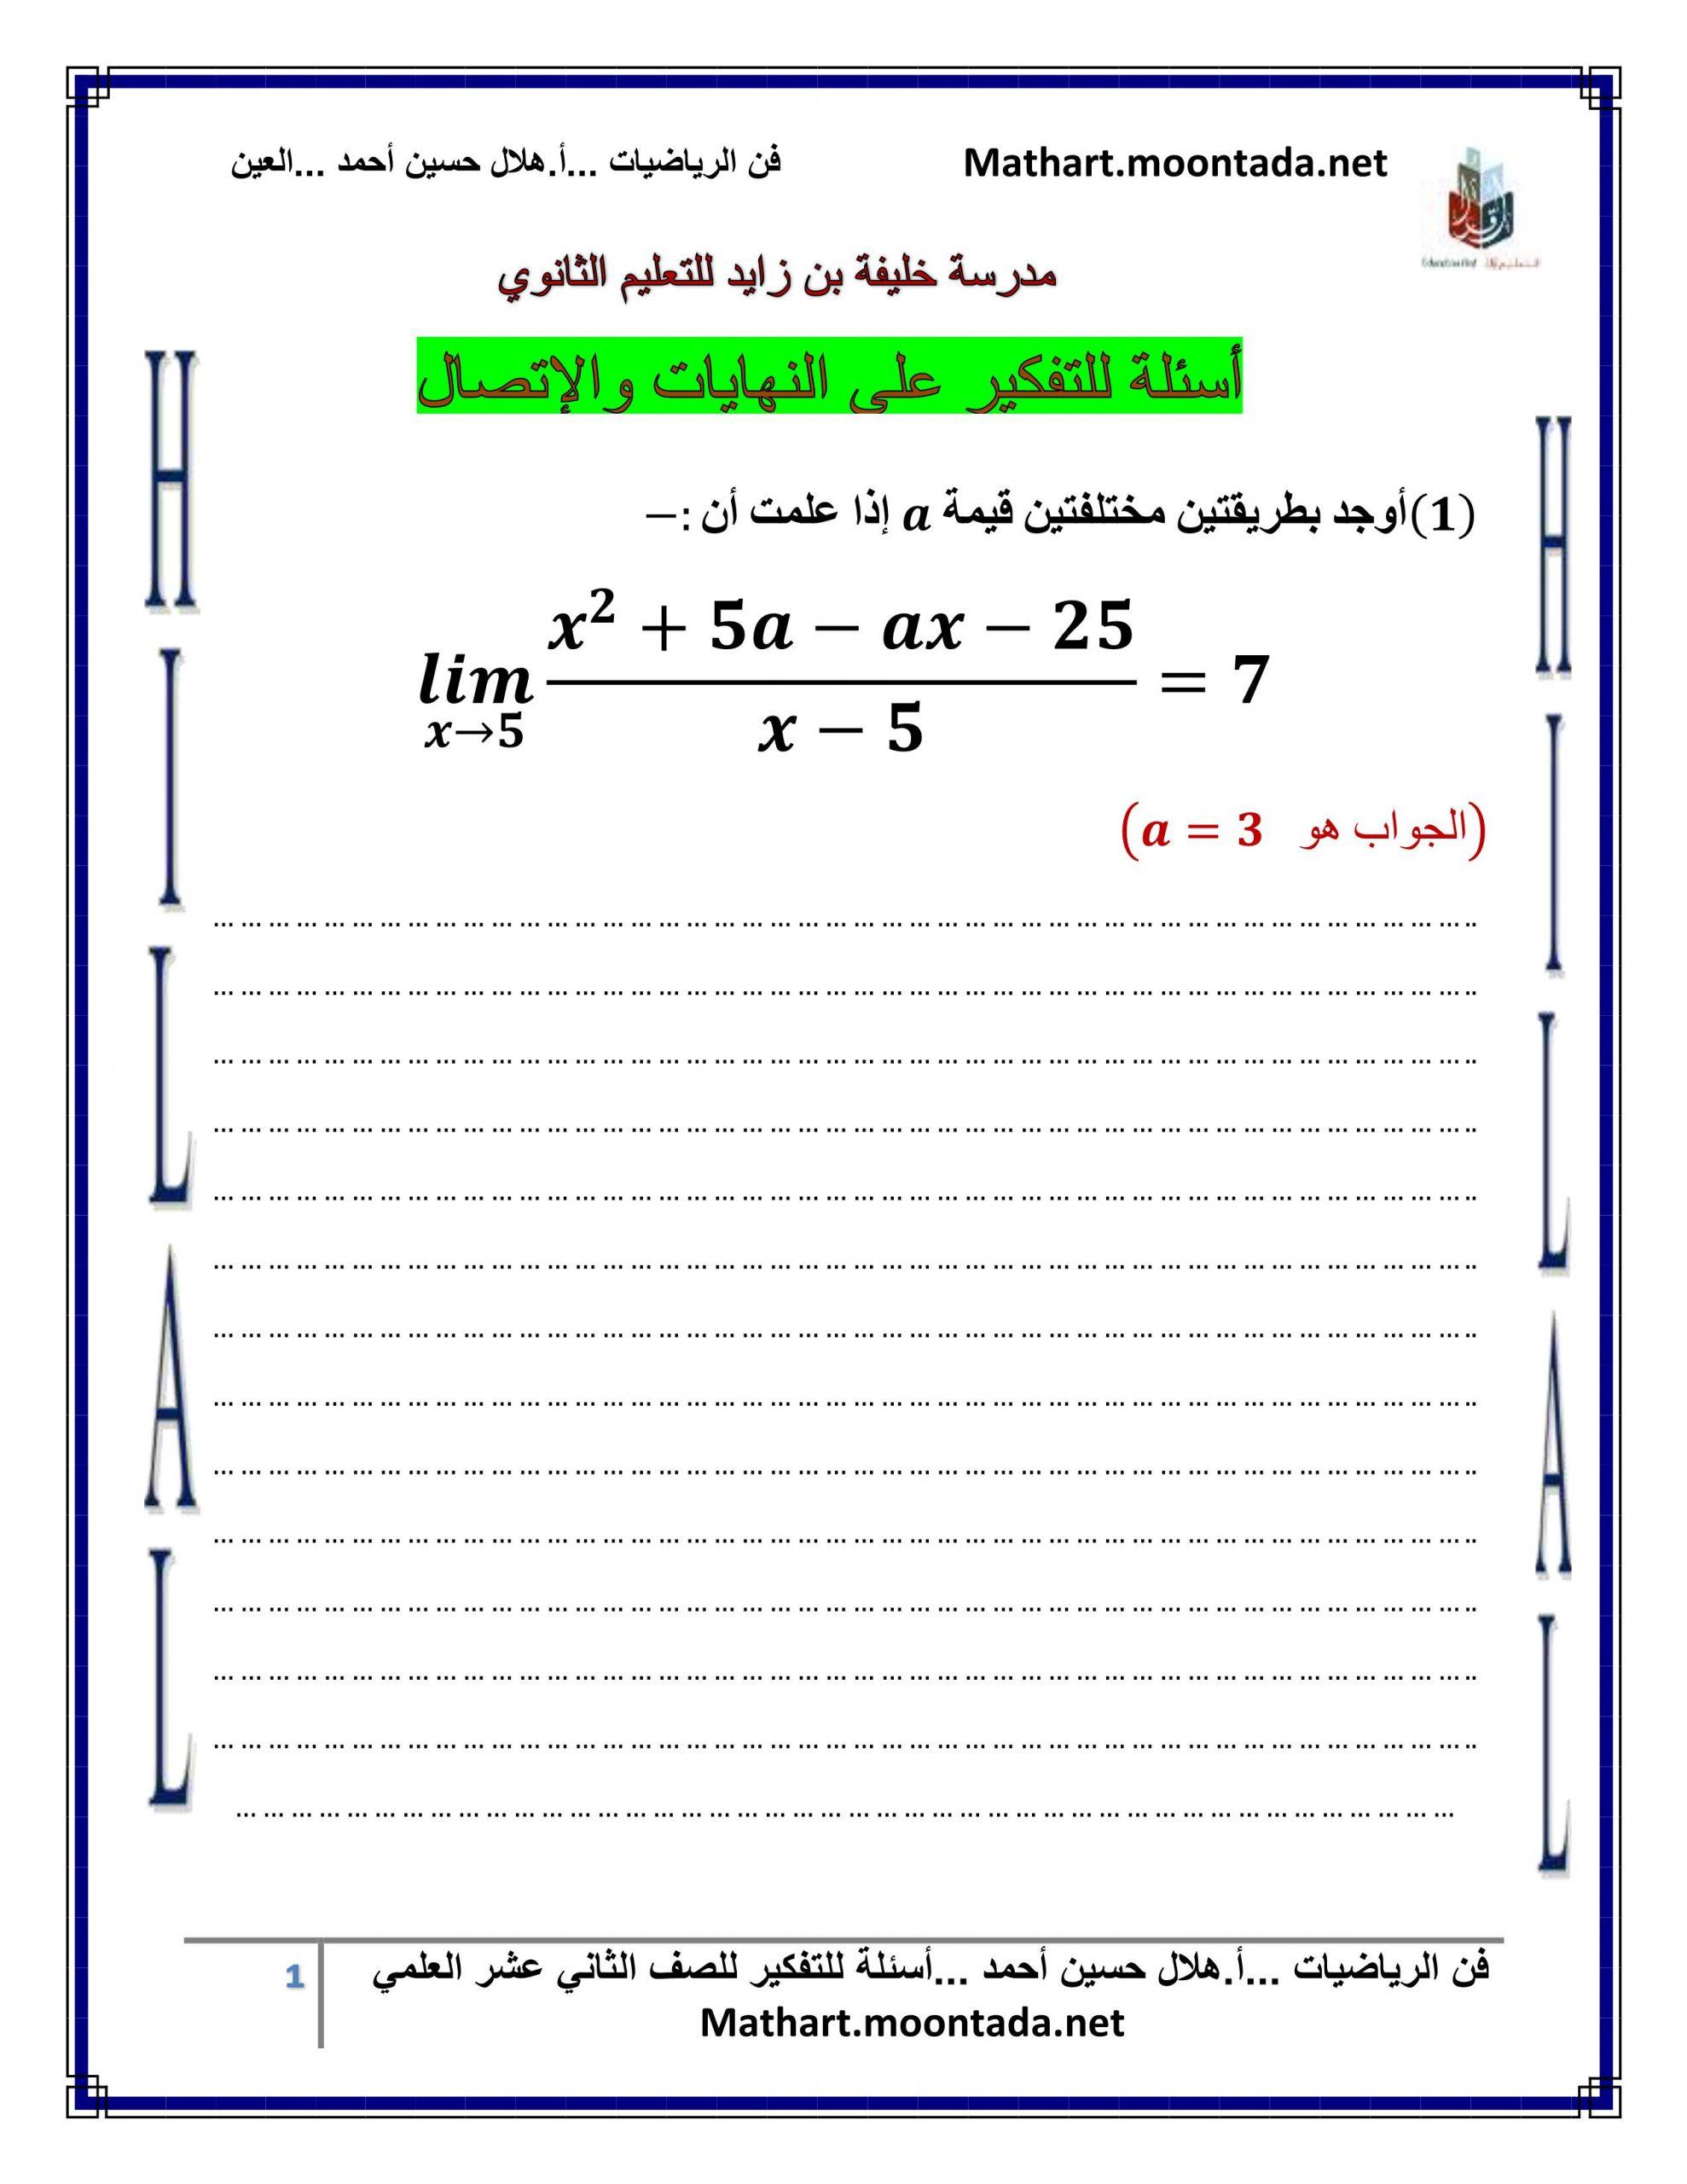 اوراق عمل النهايات والاتصال للصف الثاني عشر مادة الرياضيات المتكاملة